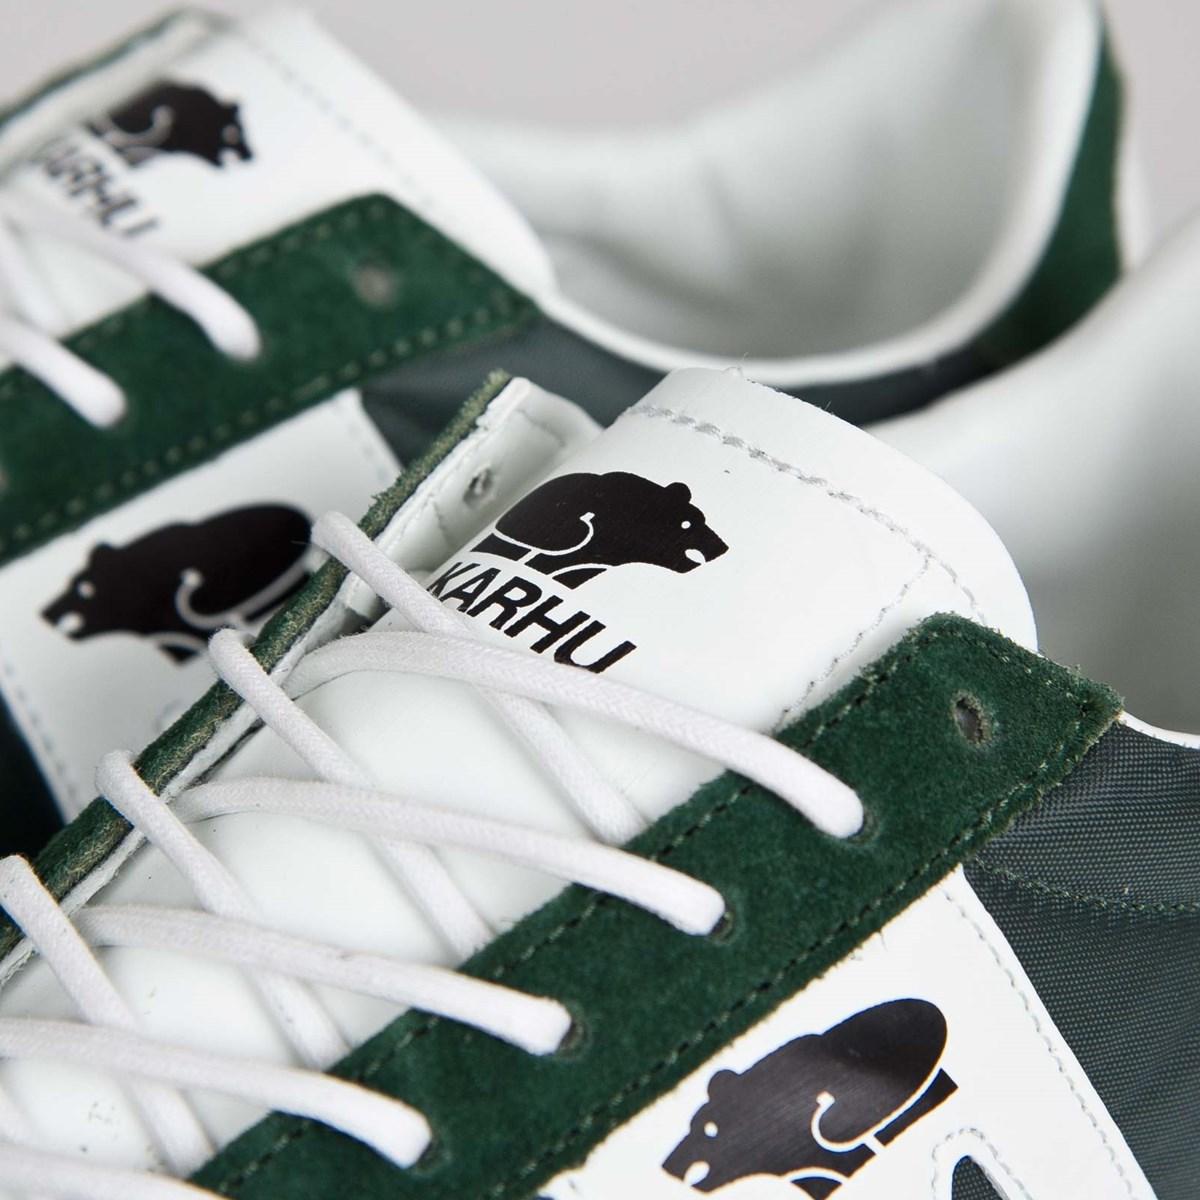 szybka dostawa nowy przyjazd sprzedaż online Karhu Albatross - F802518 - Sneakersnstuff | sneakers ...